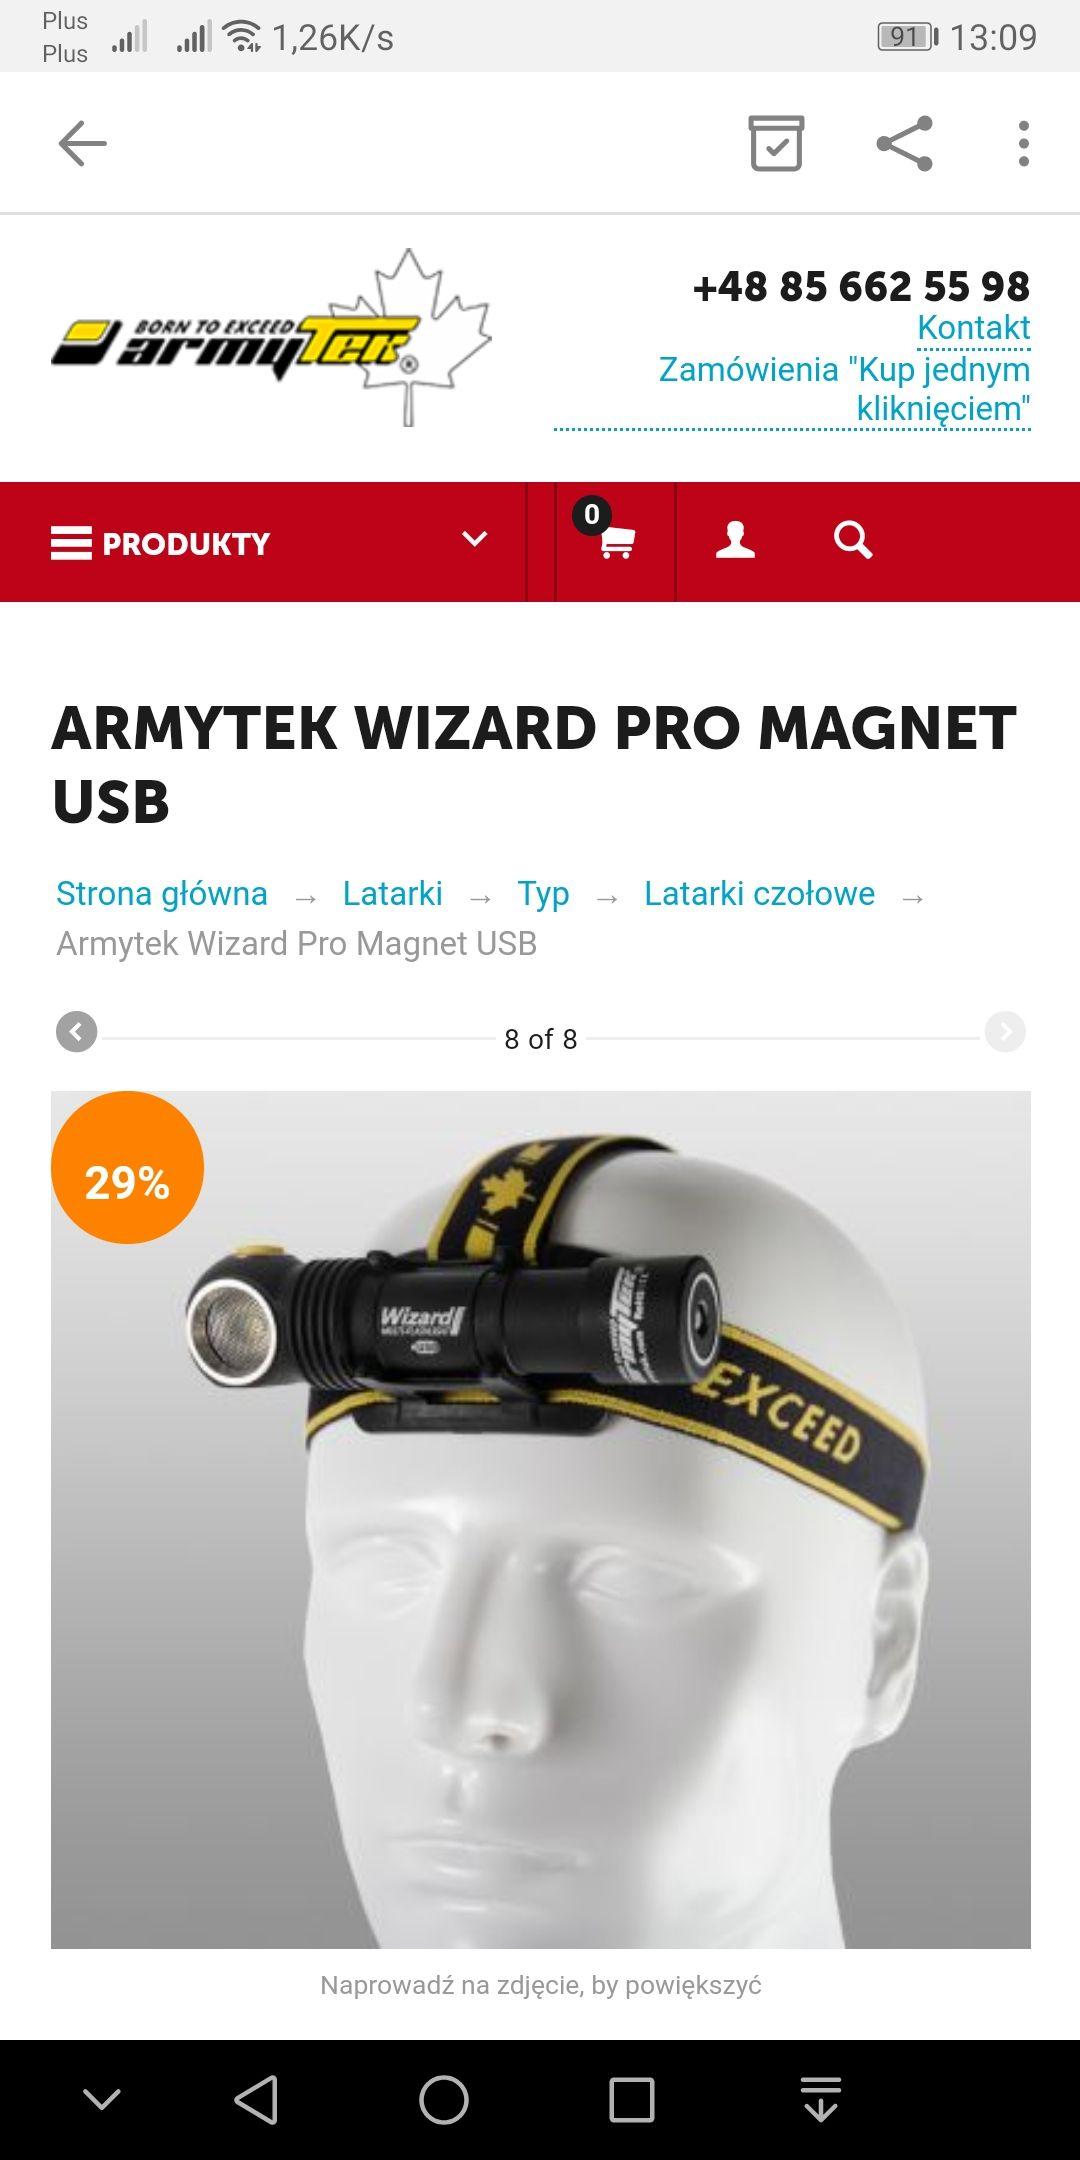 Latarka Armytek wizard pro. -29%